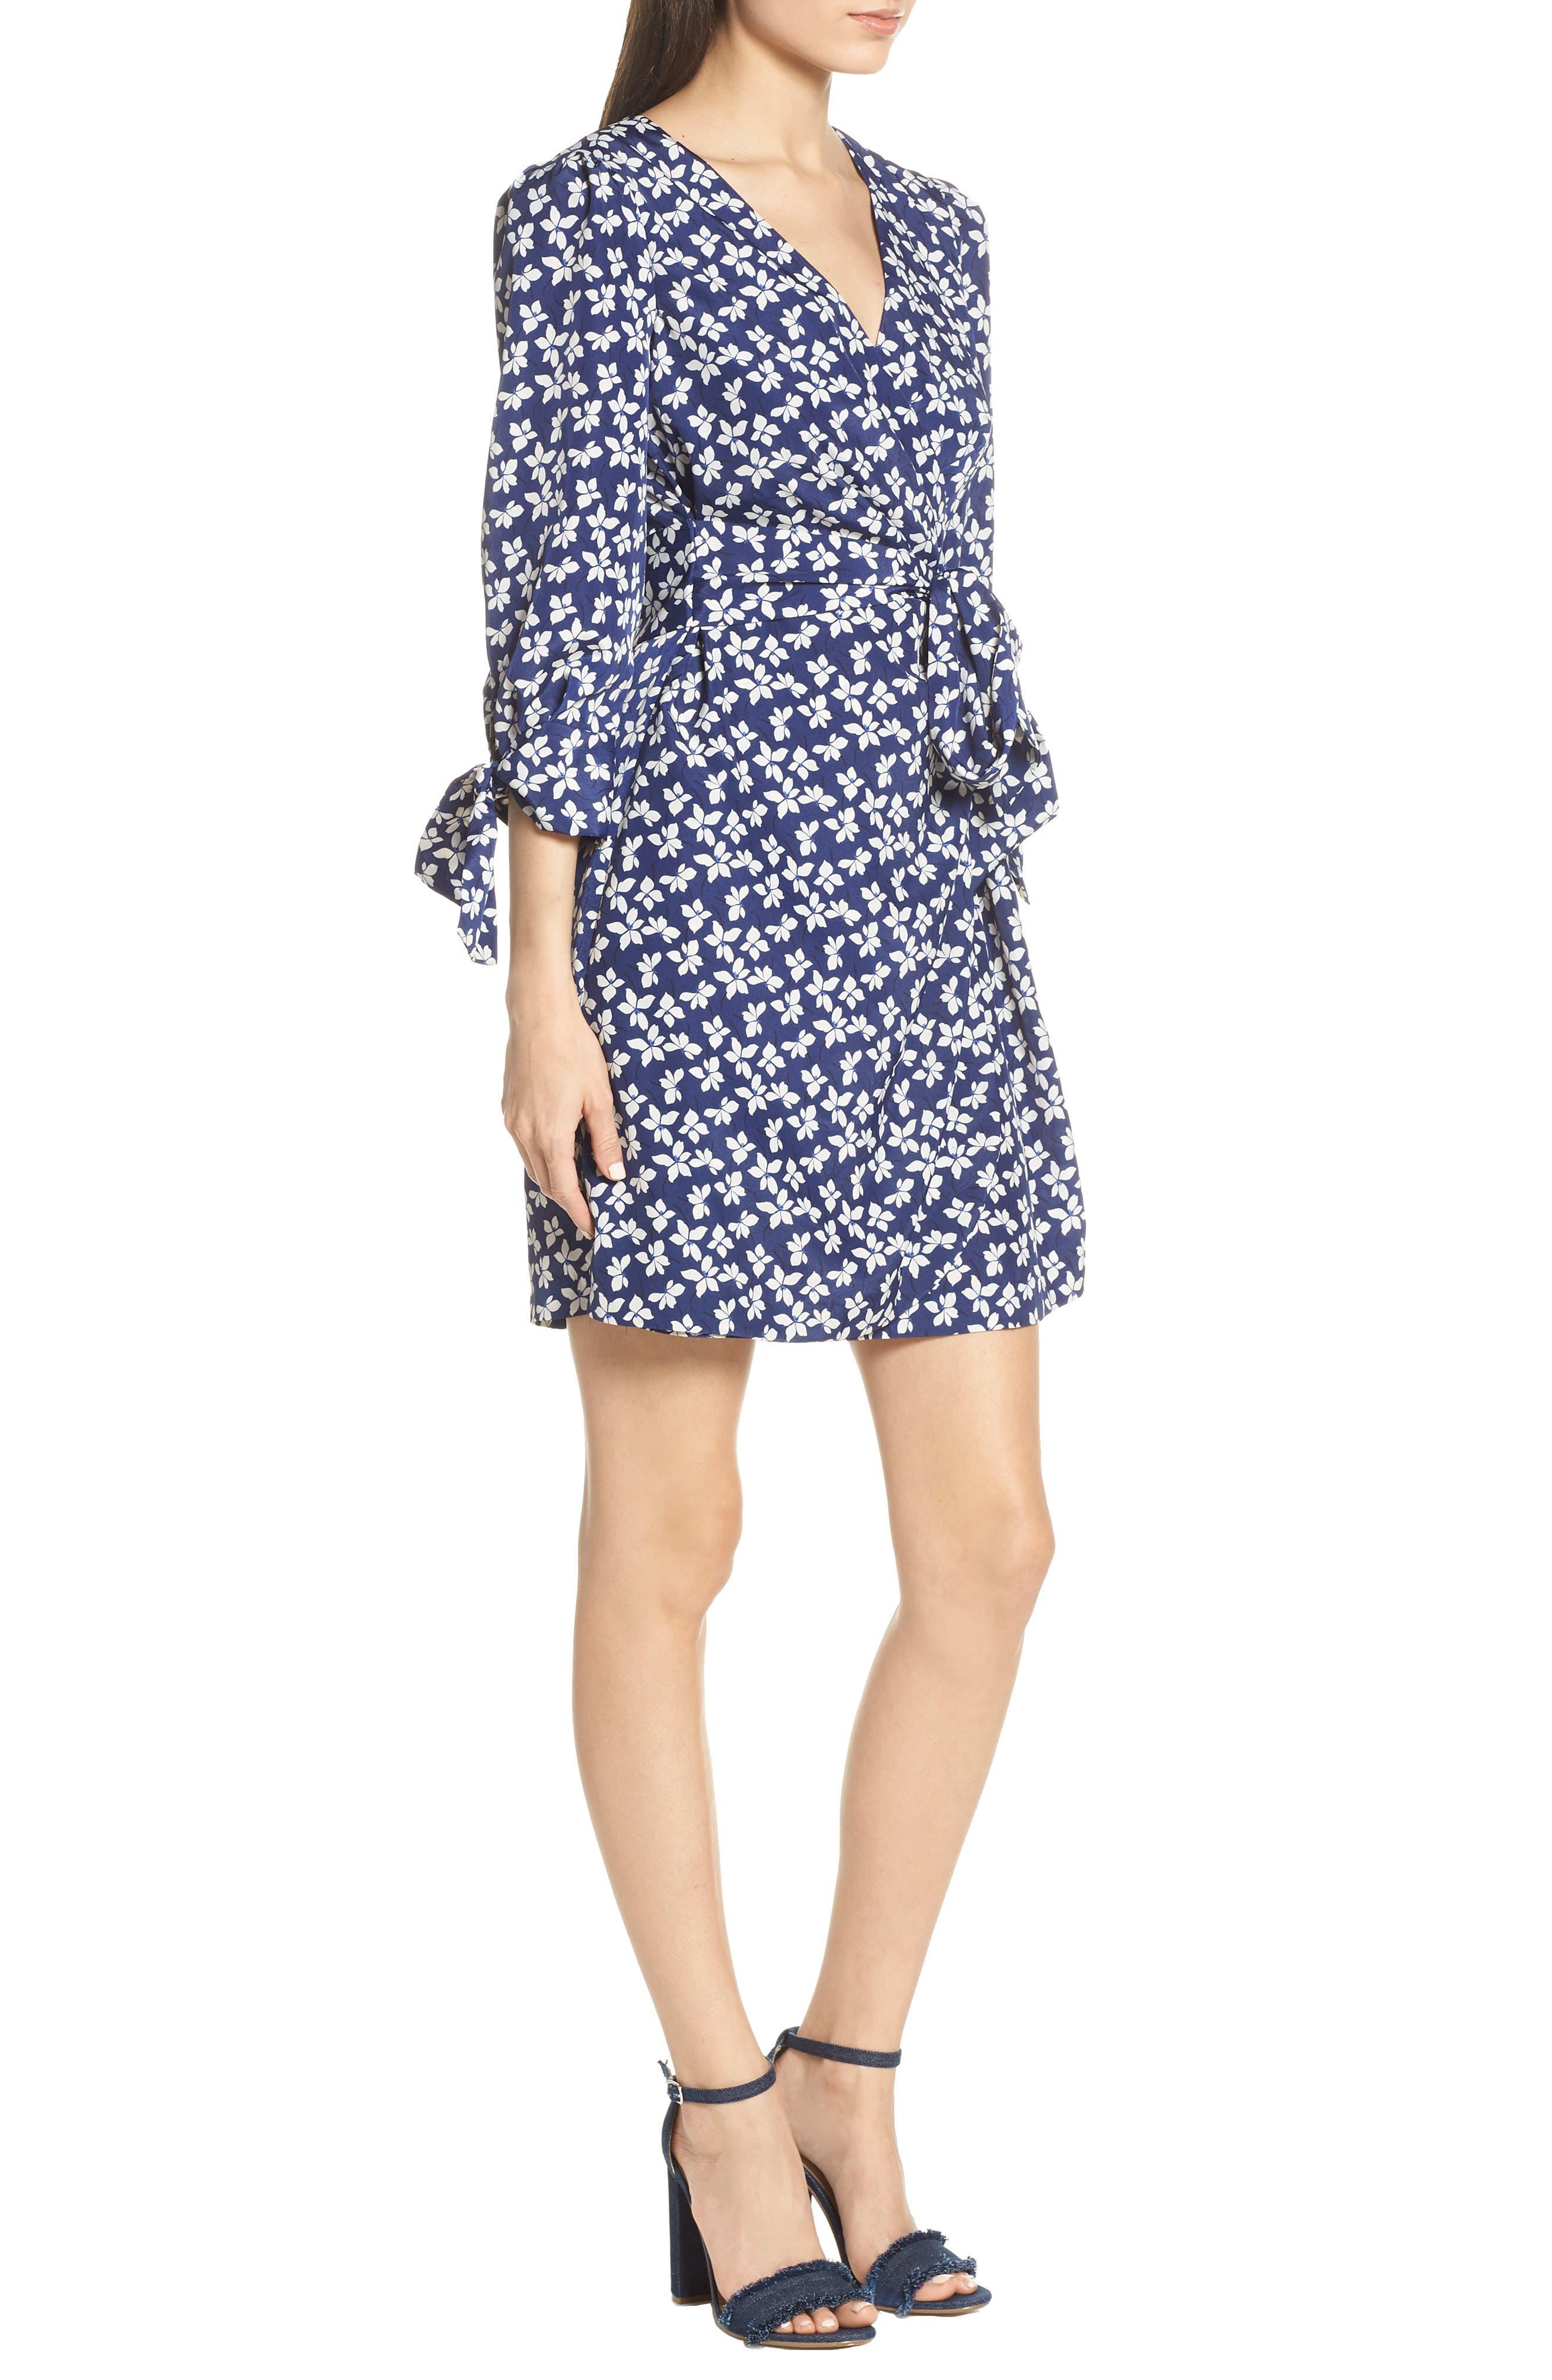 CHELSEA28,                             Floral Print Faux Wrap Dress,                             Alternate thumbnail 4, color,                             NAVY